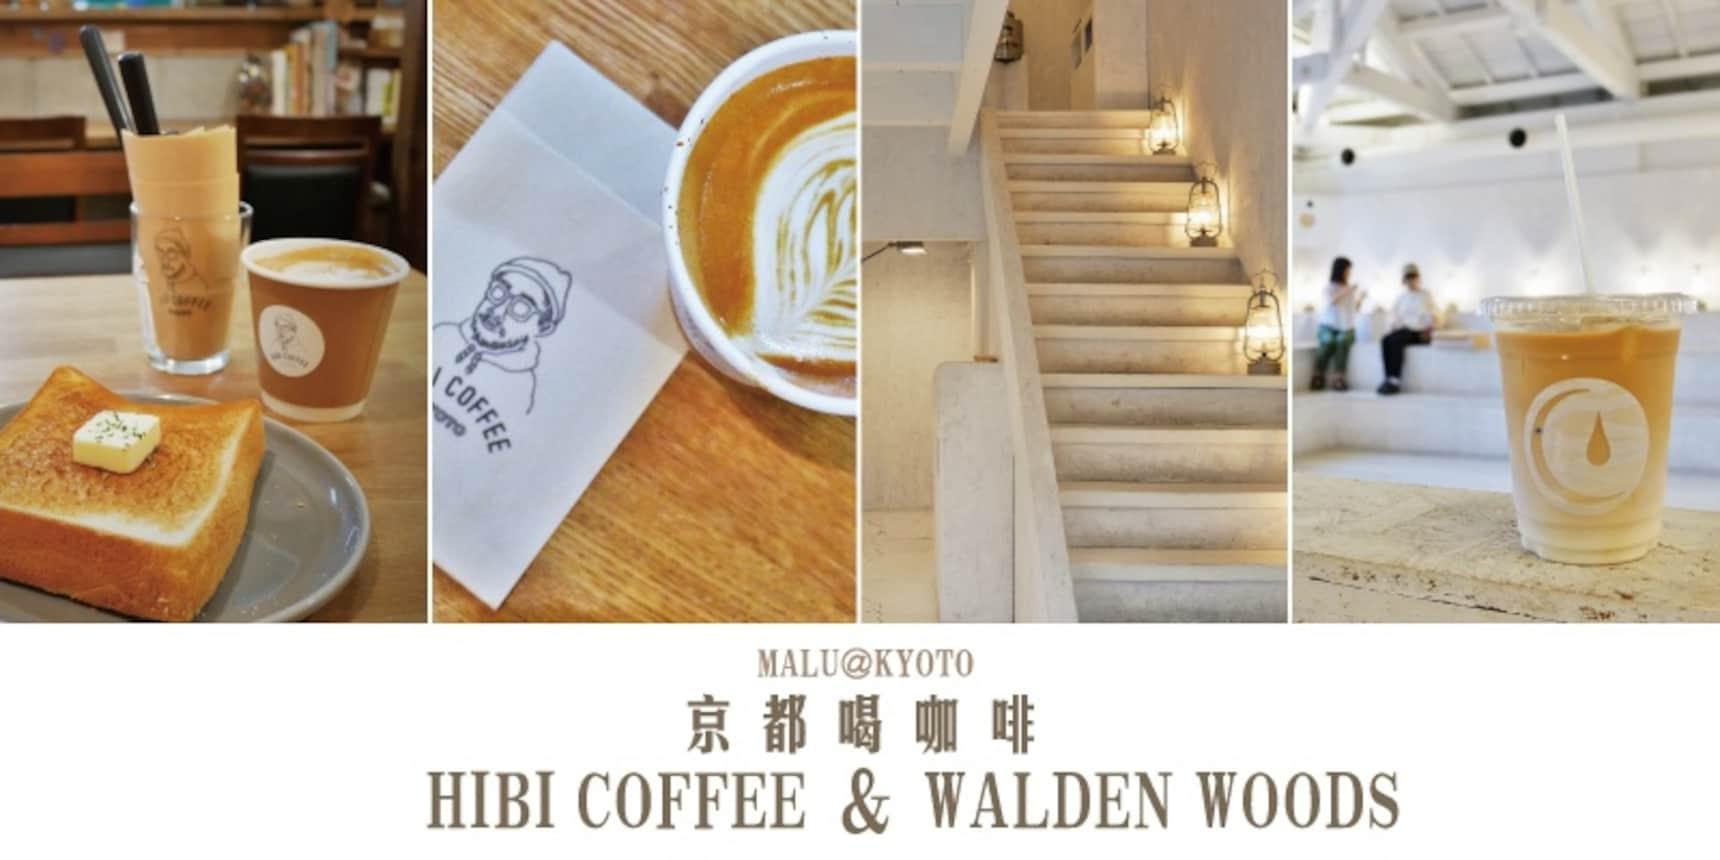 【京都找咖啡】結合民宿與餐飲的複合式咖啡店HIBI COFFEE和白色網美風WALDEN